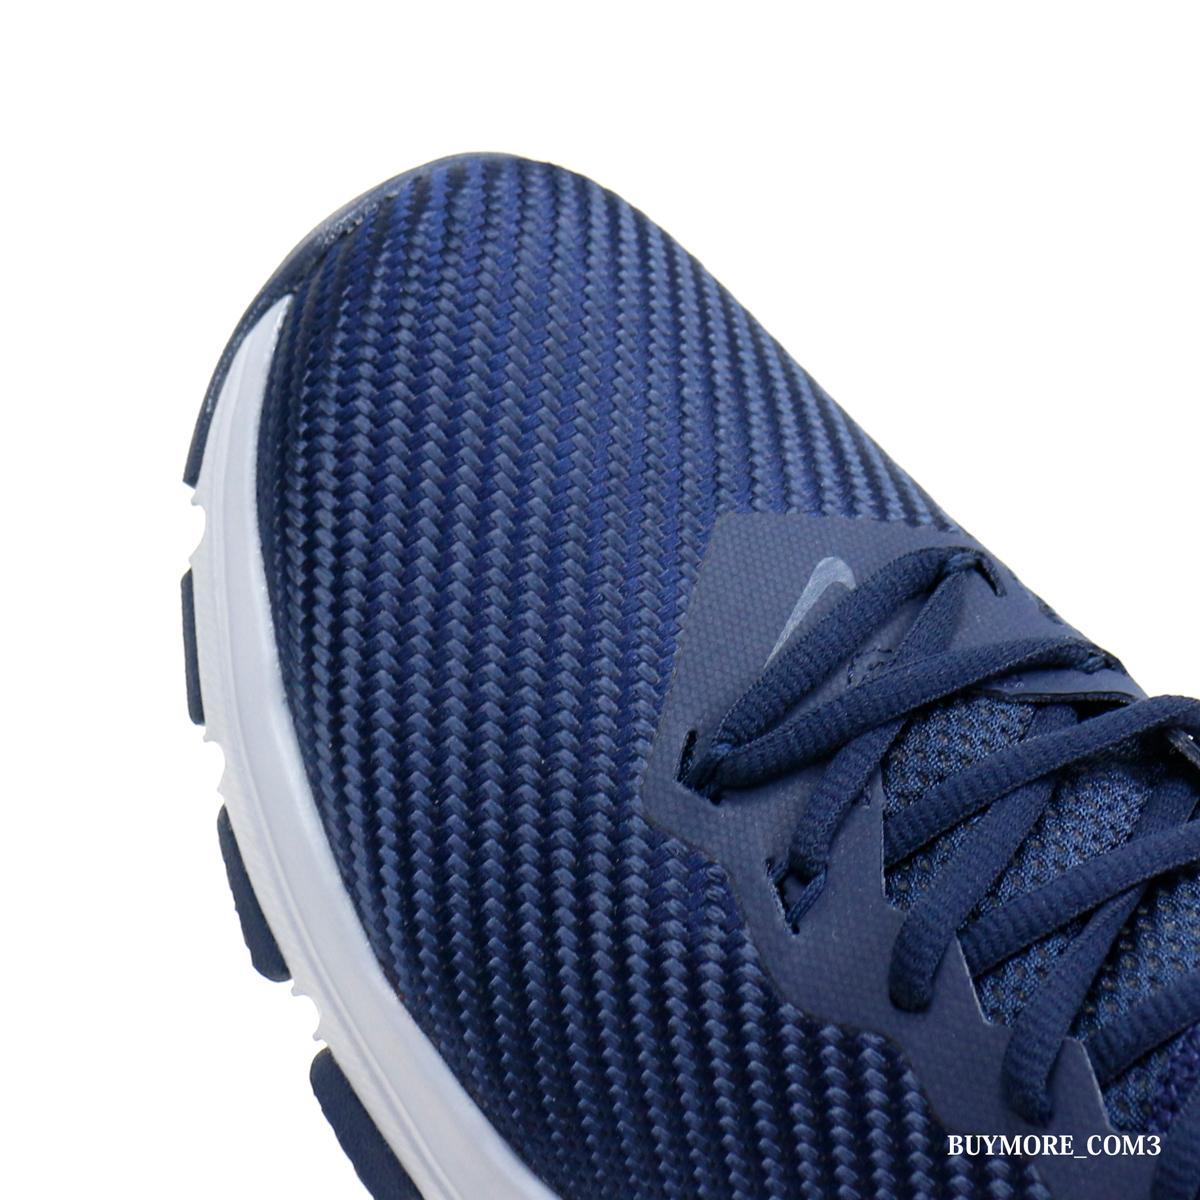 新品 Nike Air Max Full Ride TR 1.5 ナイキ エア マックス フル ライド TR 1.5 スニーカー 28㎝ ネイビーカモ 869633-401 ◆QZ014_画像9